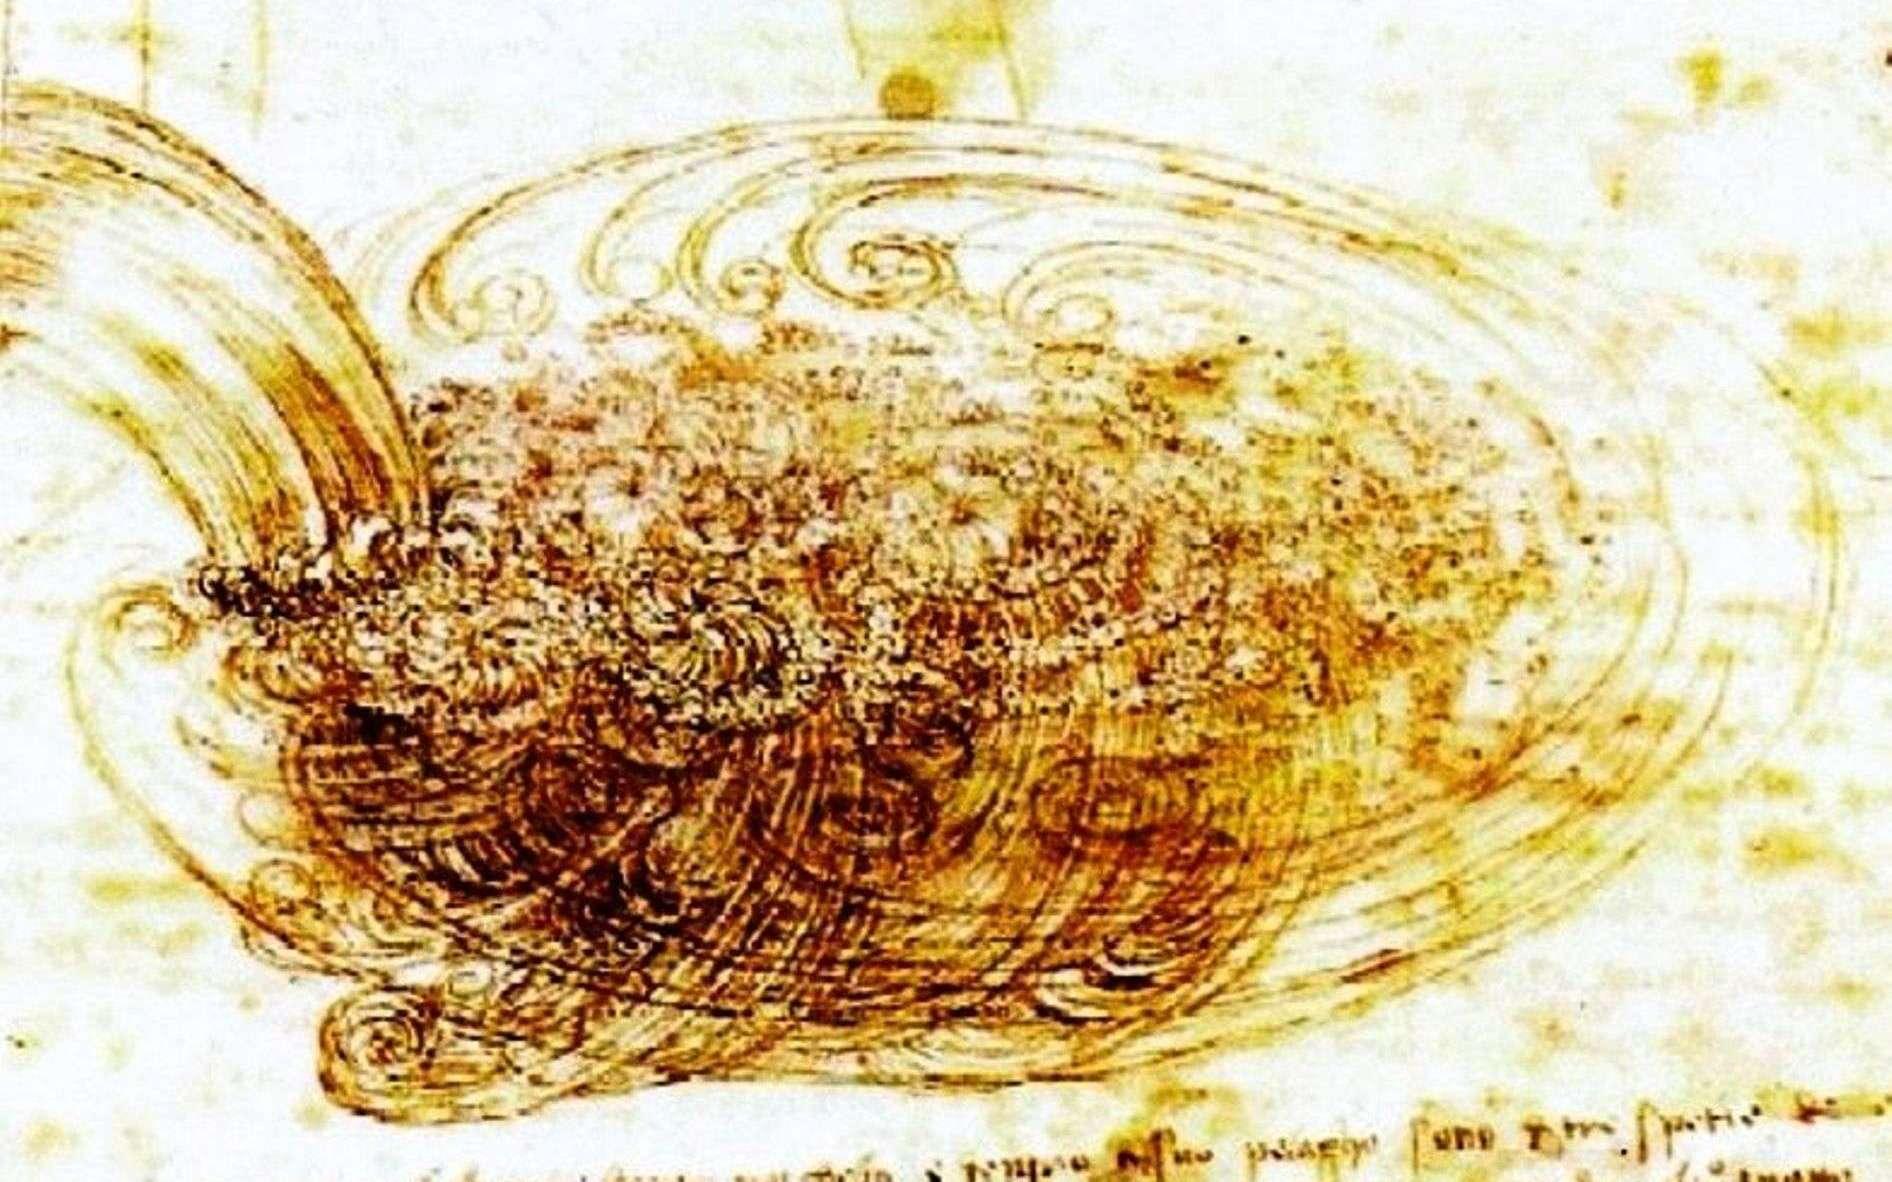 Un extrait d'un des carnets de Léonard de Vinci montrant son intérêt pour la physique des fluides. © images-des-mathematiques-cnrs